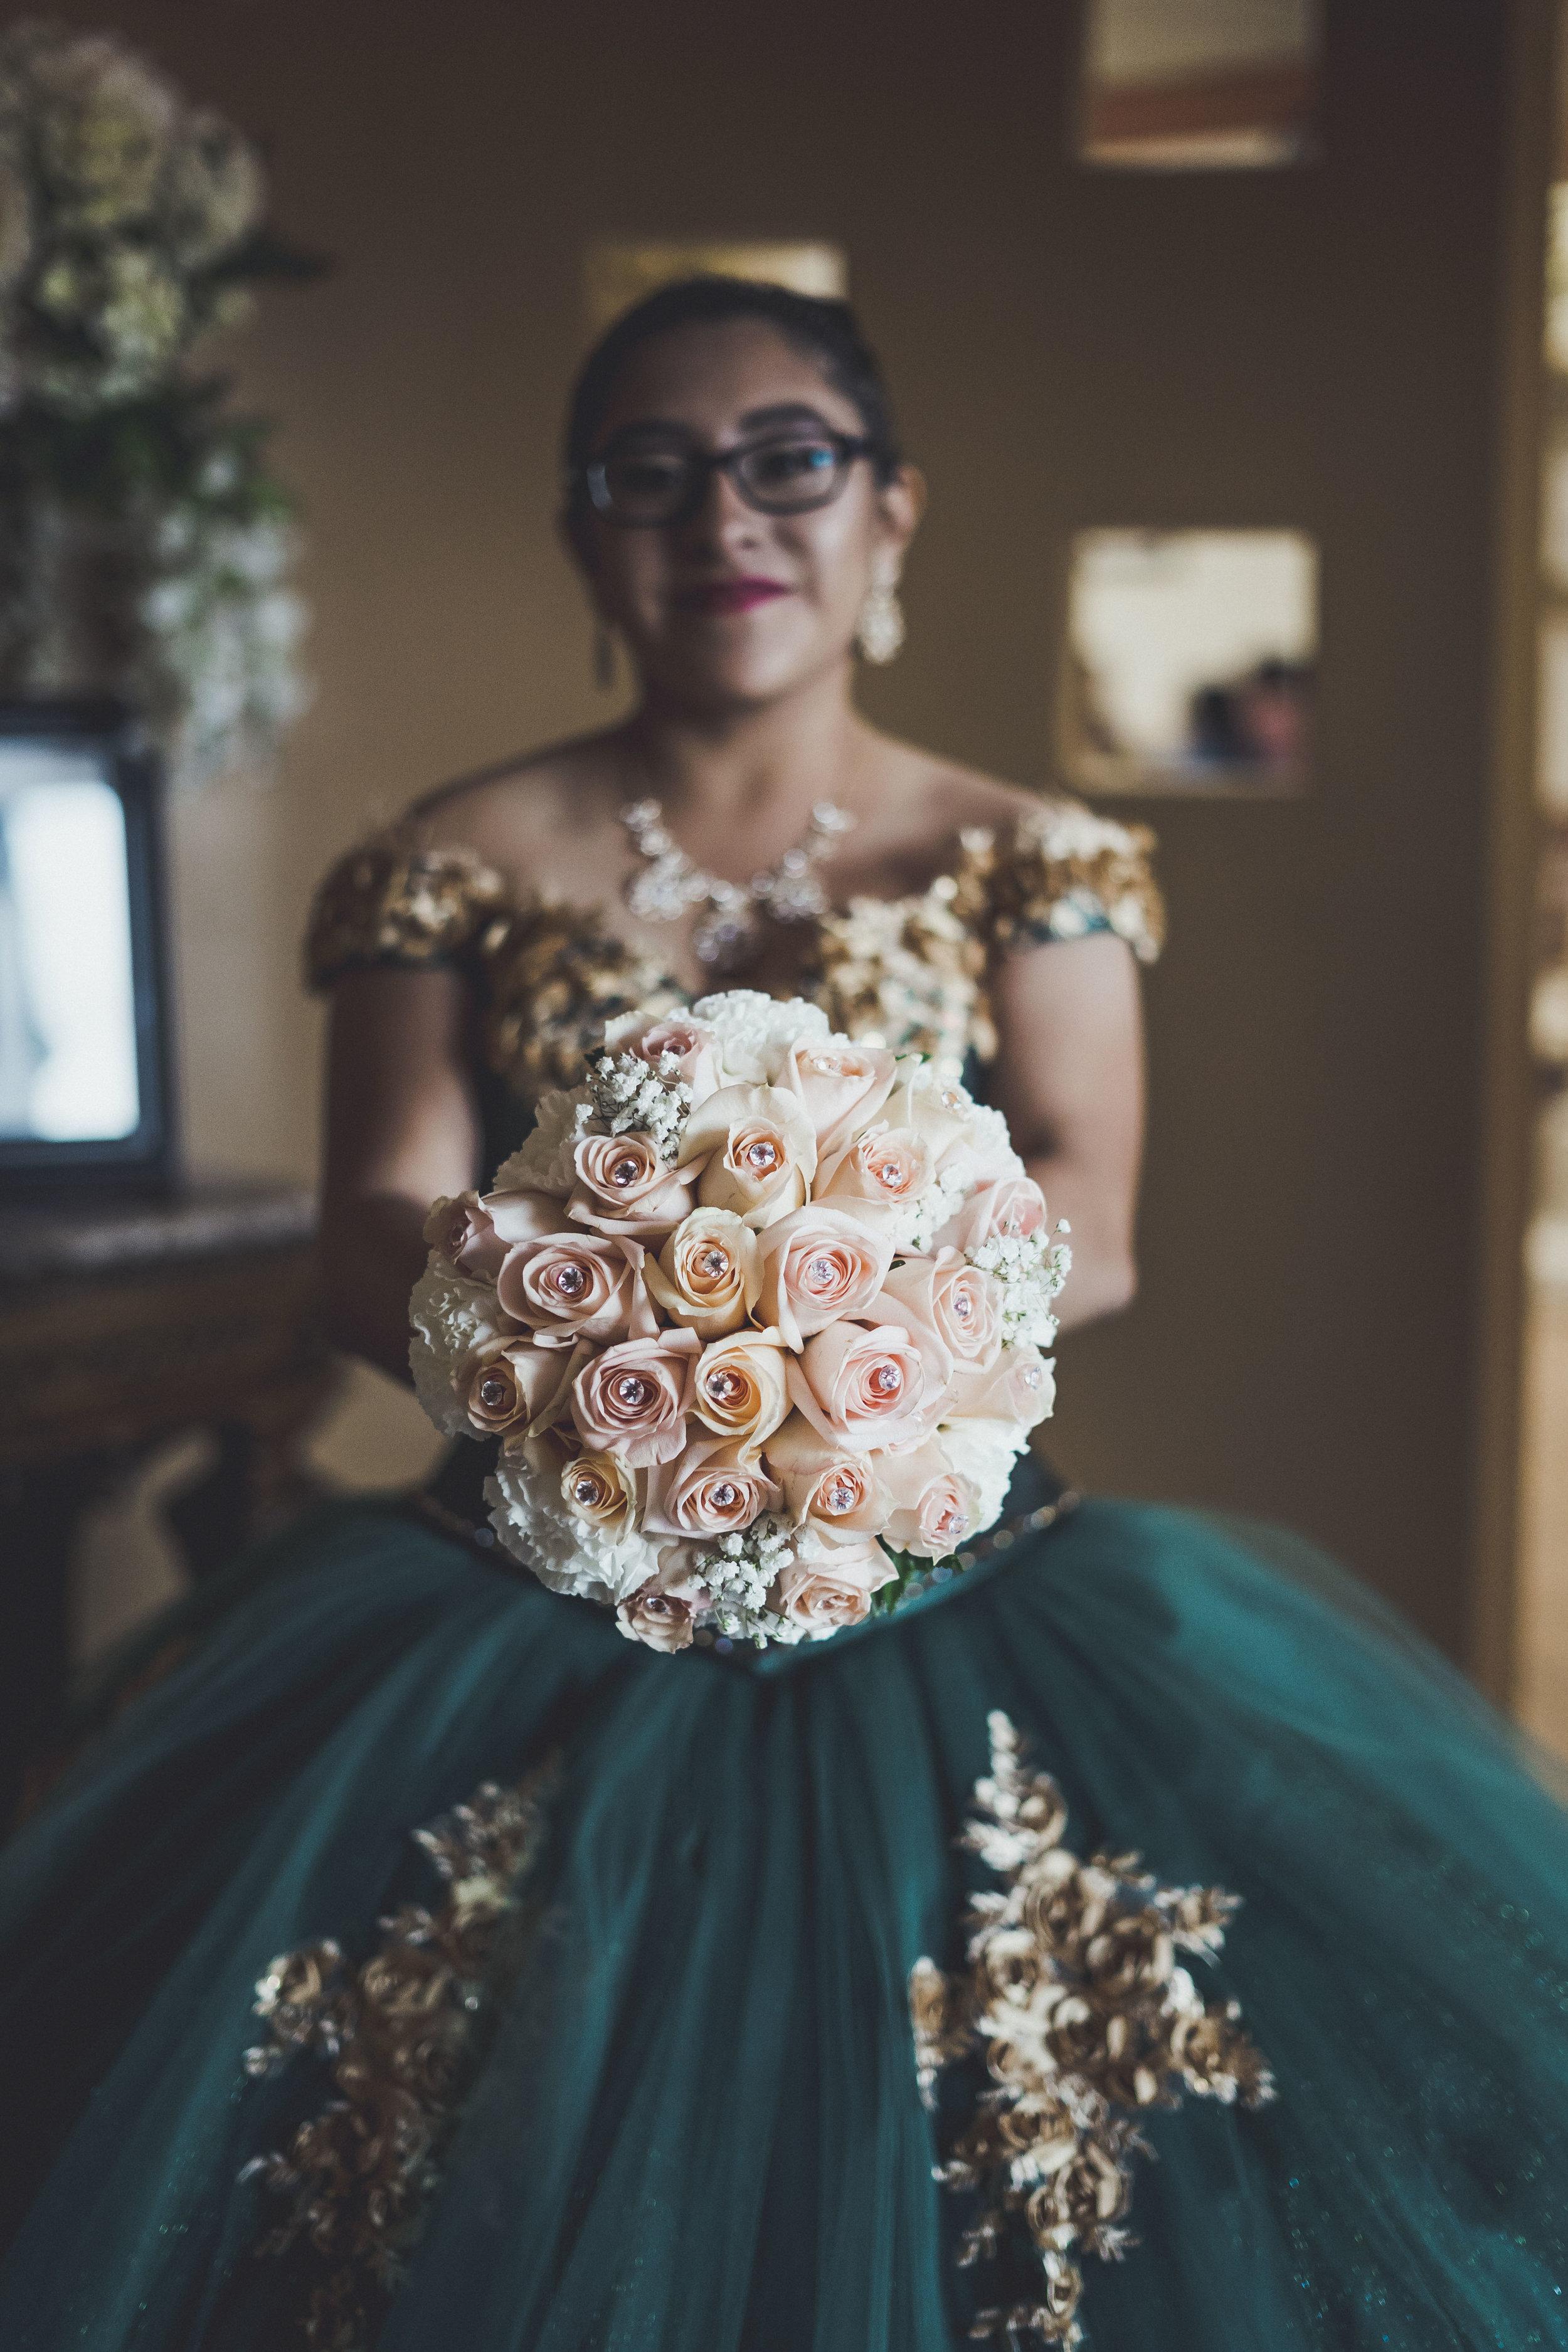 06-07-2019 Quinceañera - Ariana Garcia Maximilliano_6398.jpg